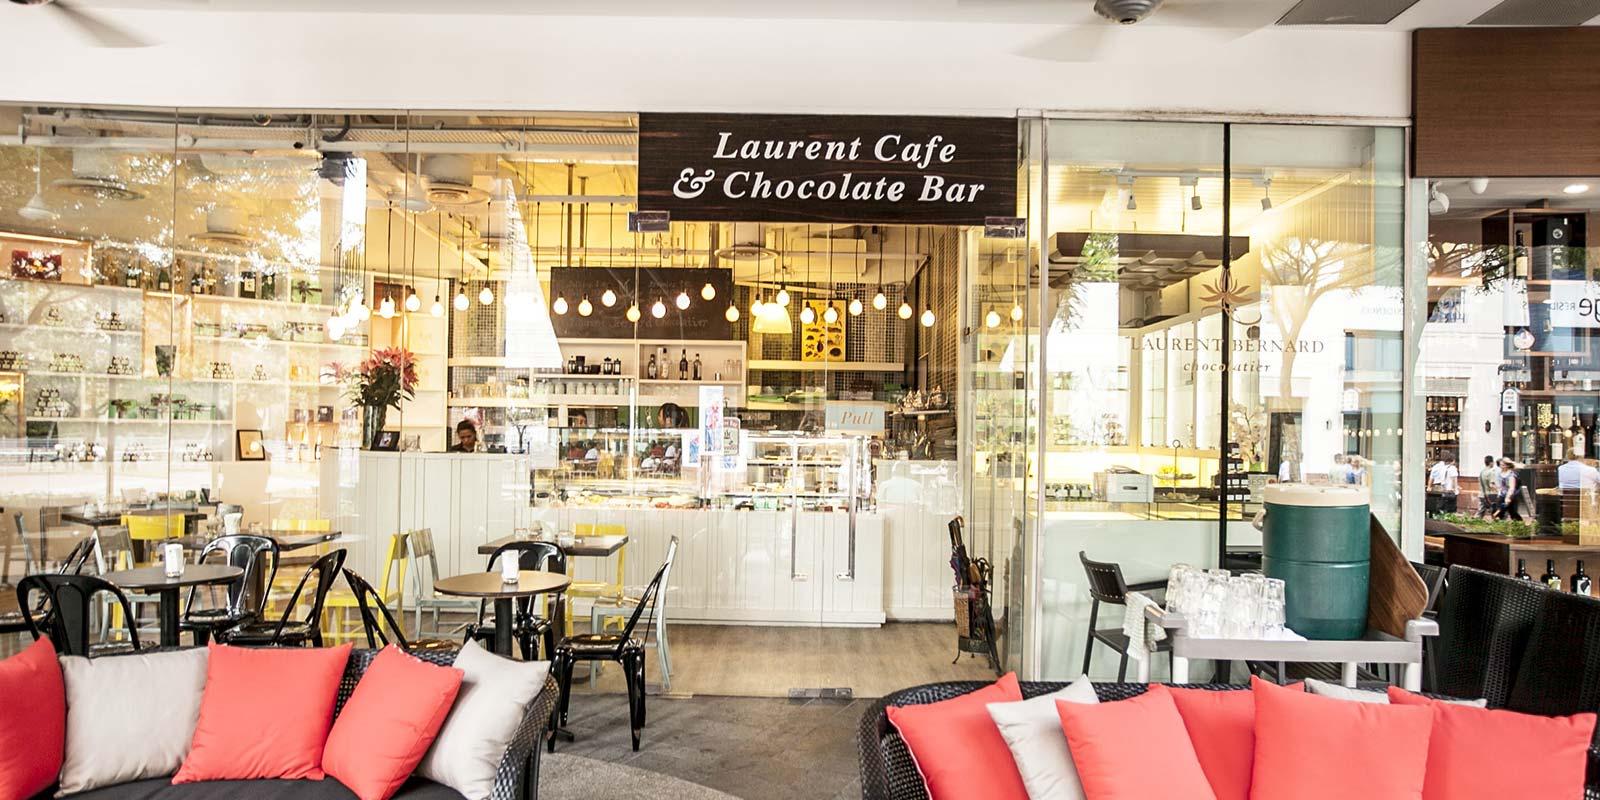 lịch trình đi singapore 4 ngày 3 đêm cho các cặp đôi: laurent cafe & chocolate bar